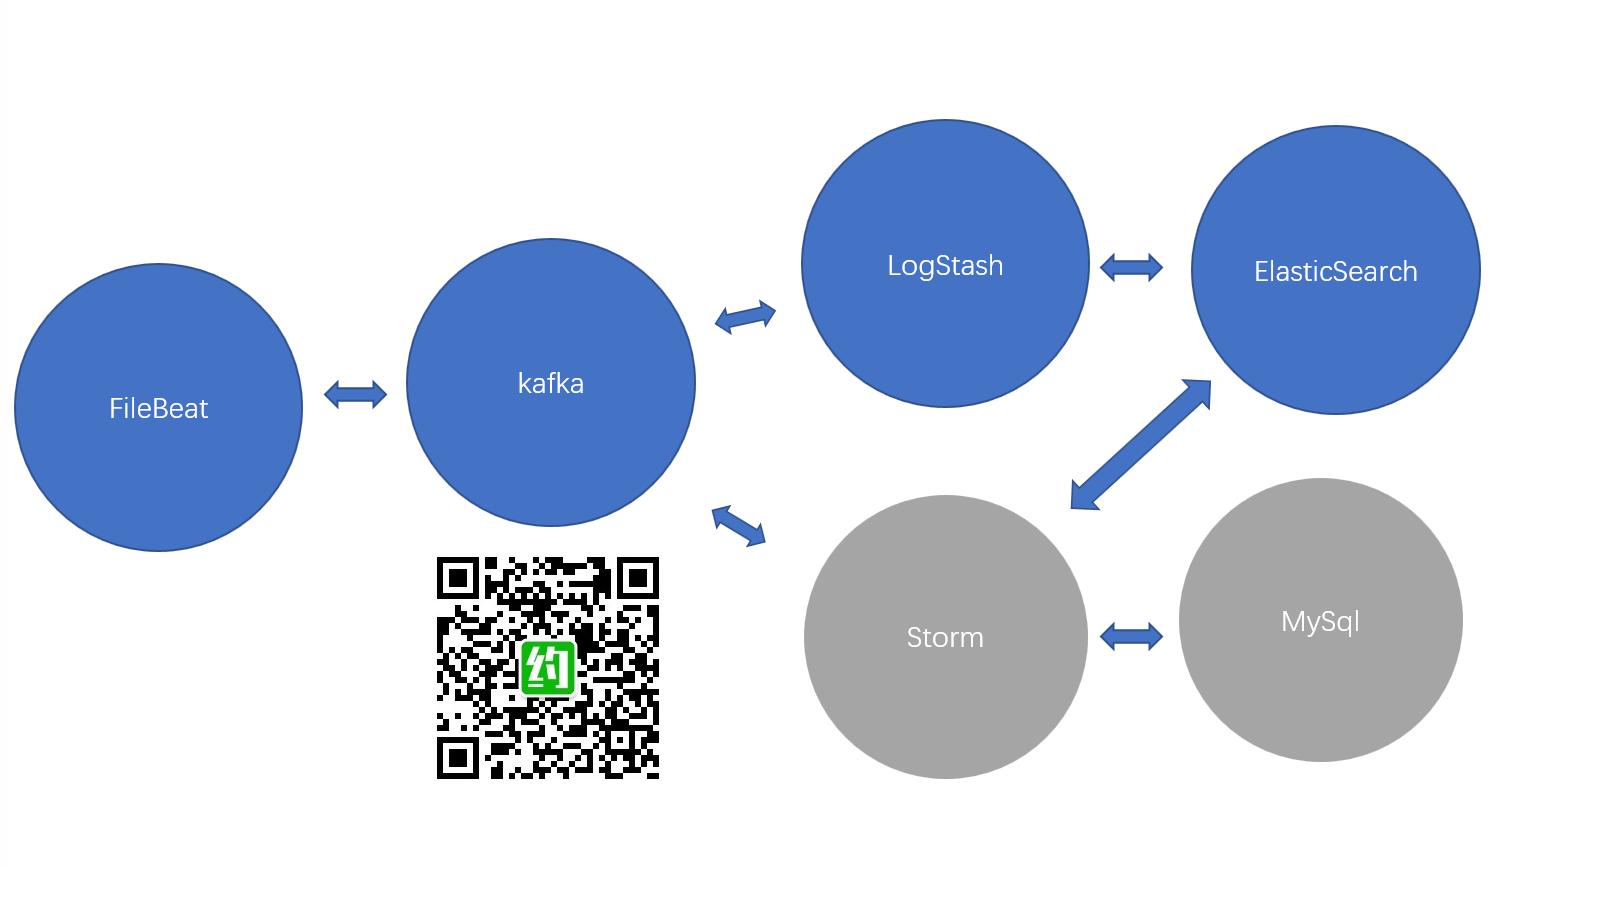 大型互联网平台日志系统(FileBeat+Kafka+LogStash+Elastic+Storm+MySql)小白从入门实战篇